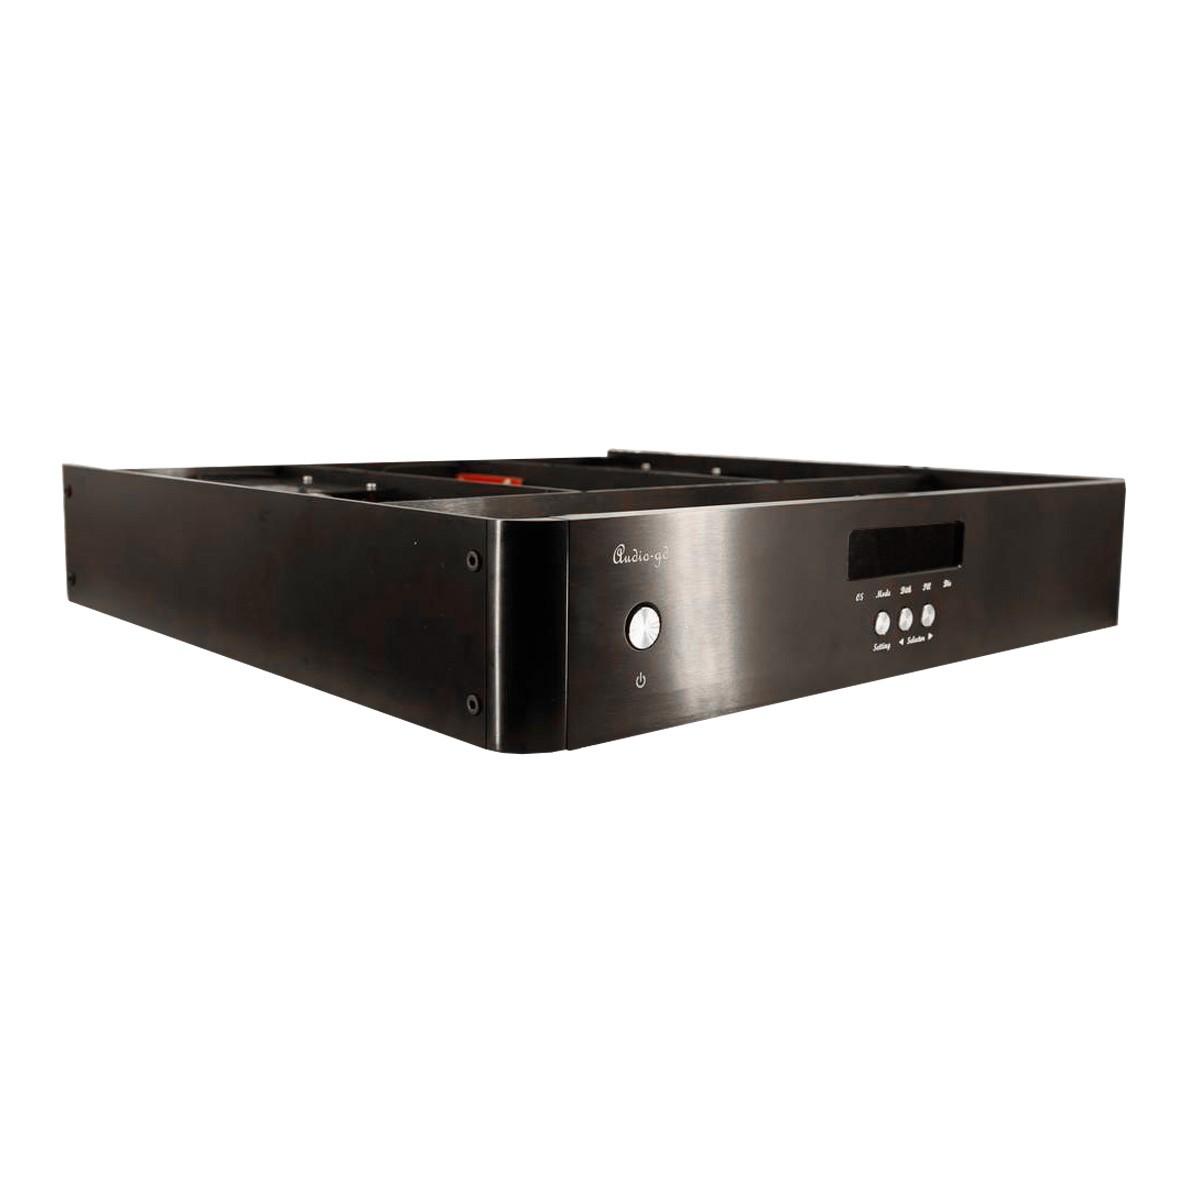 AUDIO-GD R-7 DAC Symétrique R2R FPGA 2x TCXO I2S HDMI Amanero 32bit 384kHz DSD512